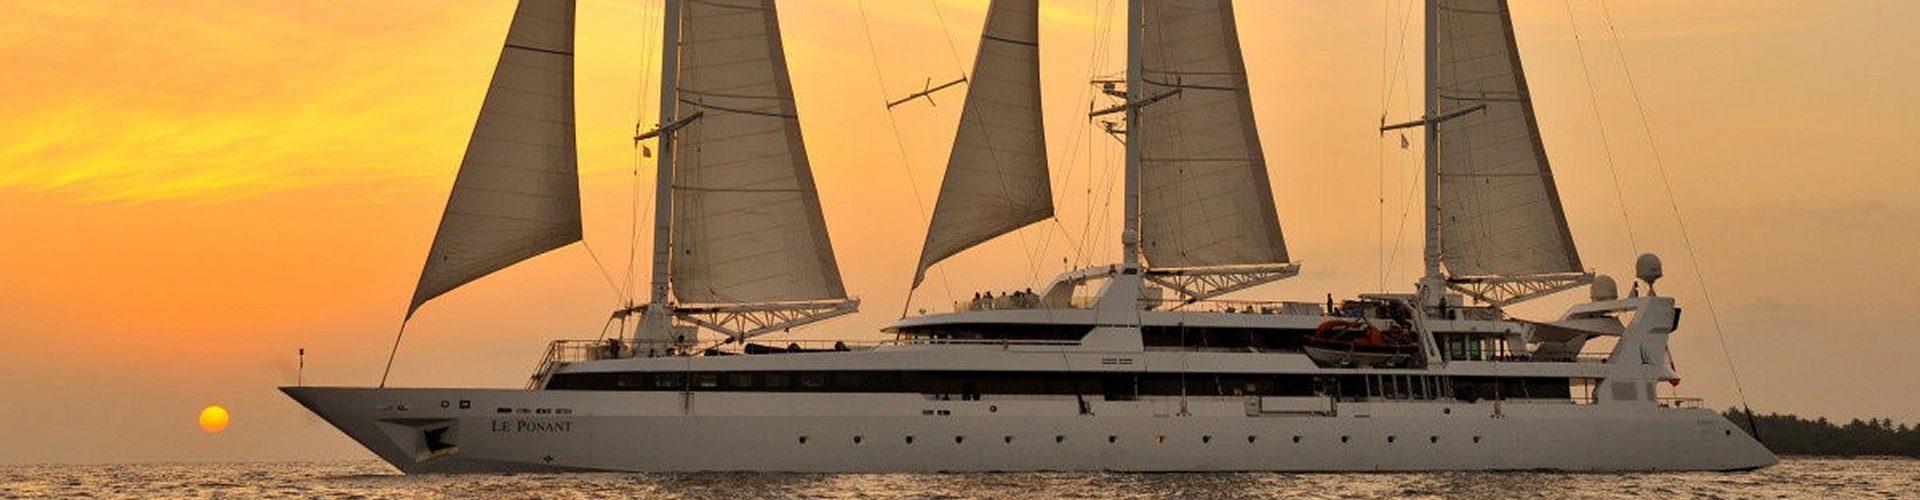 Karibik Kreuzfahrten mit Le Ponant